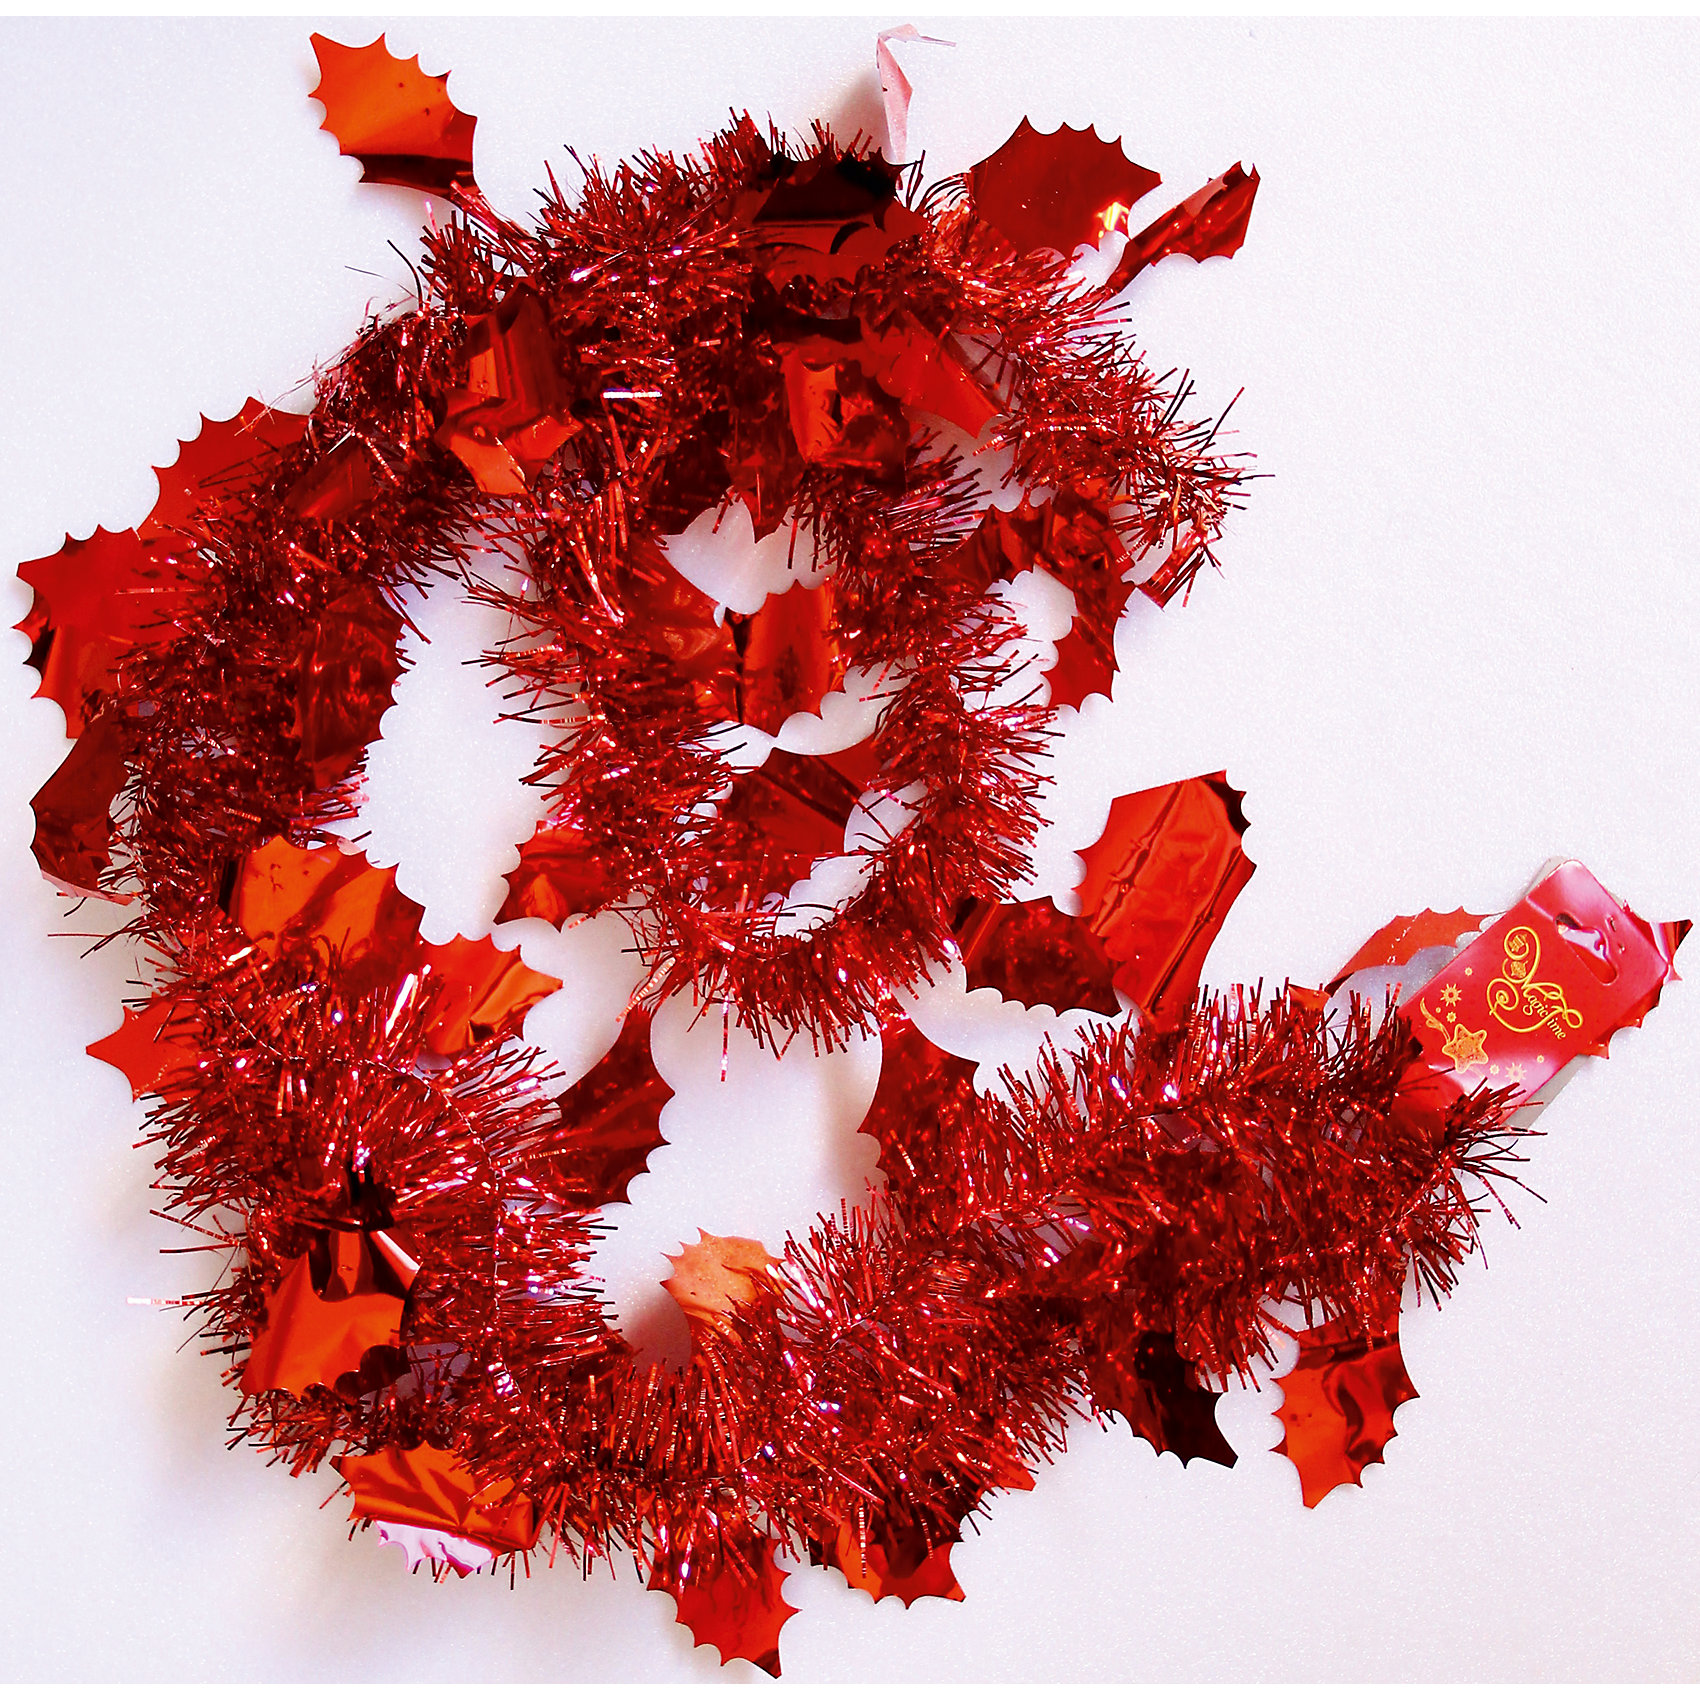 Мишура Красный 6*200 смВсё для праздника<br>Мишура в красном цвете отлично подойдет для украшения к новому году. Блеск мишуры создает приятную новогоднюю атмосферу.  Она не будет сыпаться, поэтому останется яркой и блестящей и будет радовать вас ещё не один год. <br><br>Характеристика:<br>-Размер: 6 м 200 см<br>-Цвет: красный<br>-Арт.: 34899<br><br>Мишуру Красный можно приобрести в нашем интернет-магазине.<br><br>Ширина мм: 100<br>Глубина мм: 100<br>Высота мм: 60<br>Вес г: 14<br>Возраст от месяцев: 36<br>Возраст до месяцев: 2147483647<br>Пол: Унисекс<br>Возраст: Детский<br>SKU: 4981443